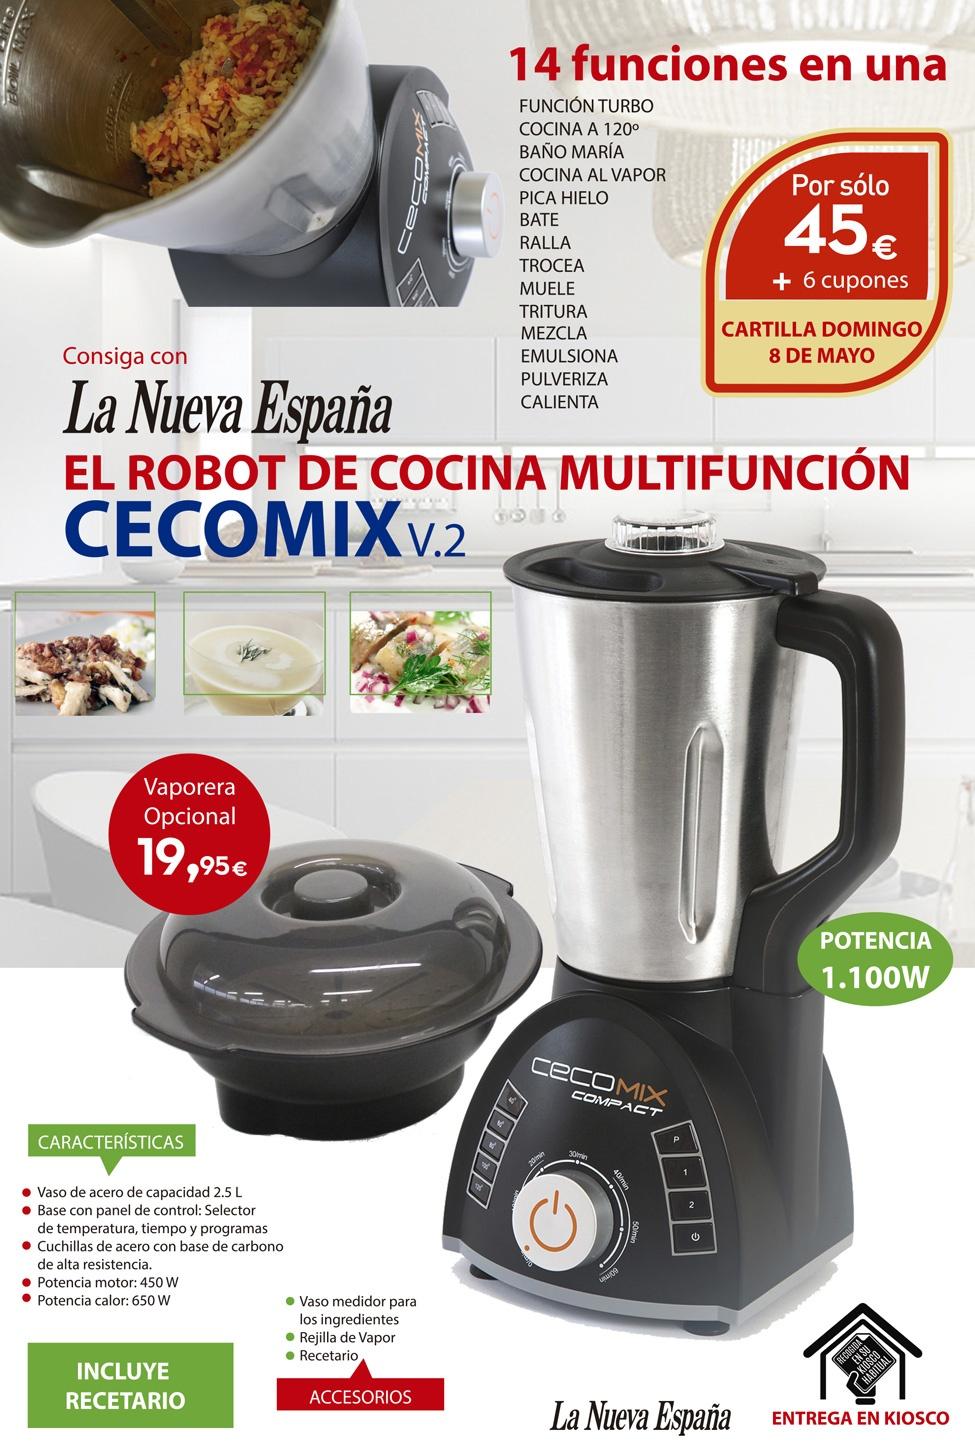 Robot de cocina multifunci n cecomix v 2 promociones la for Robot de cocina multifuncion